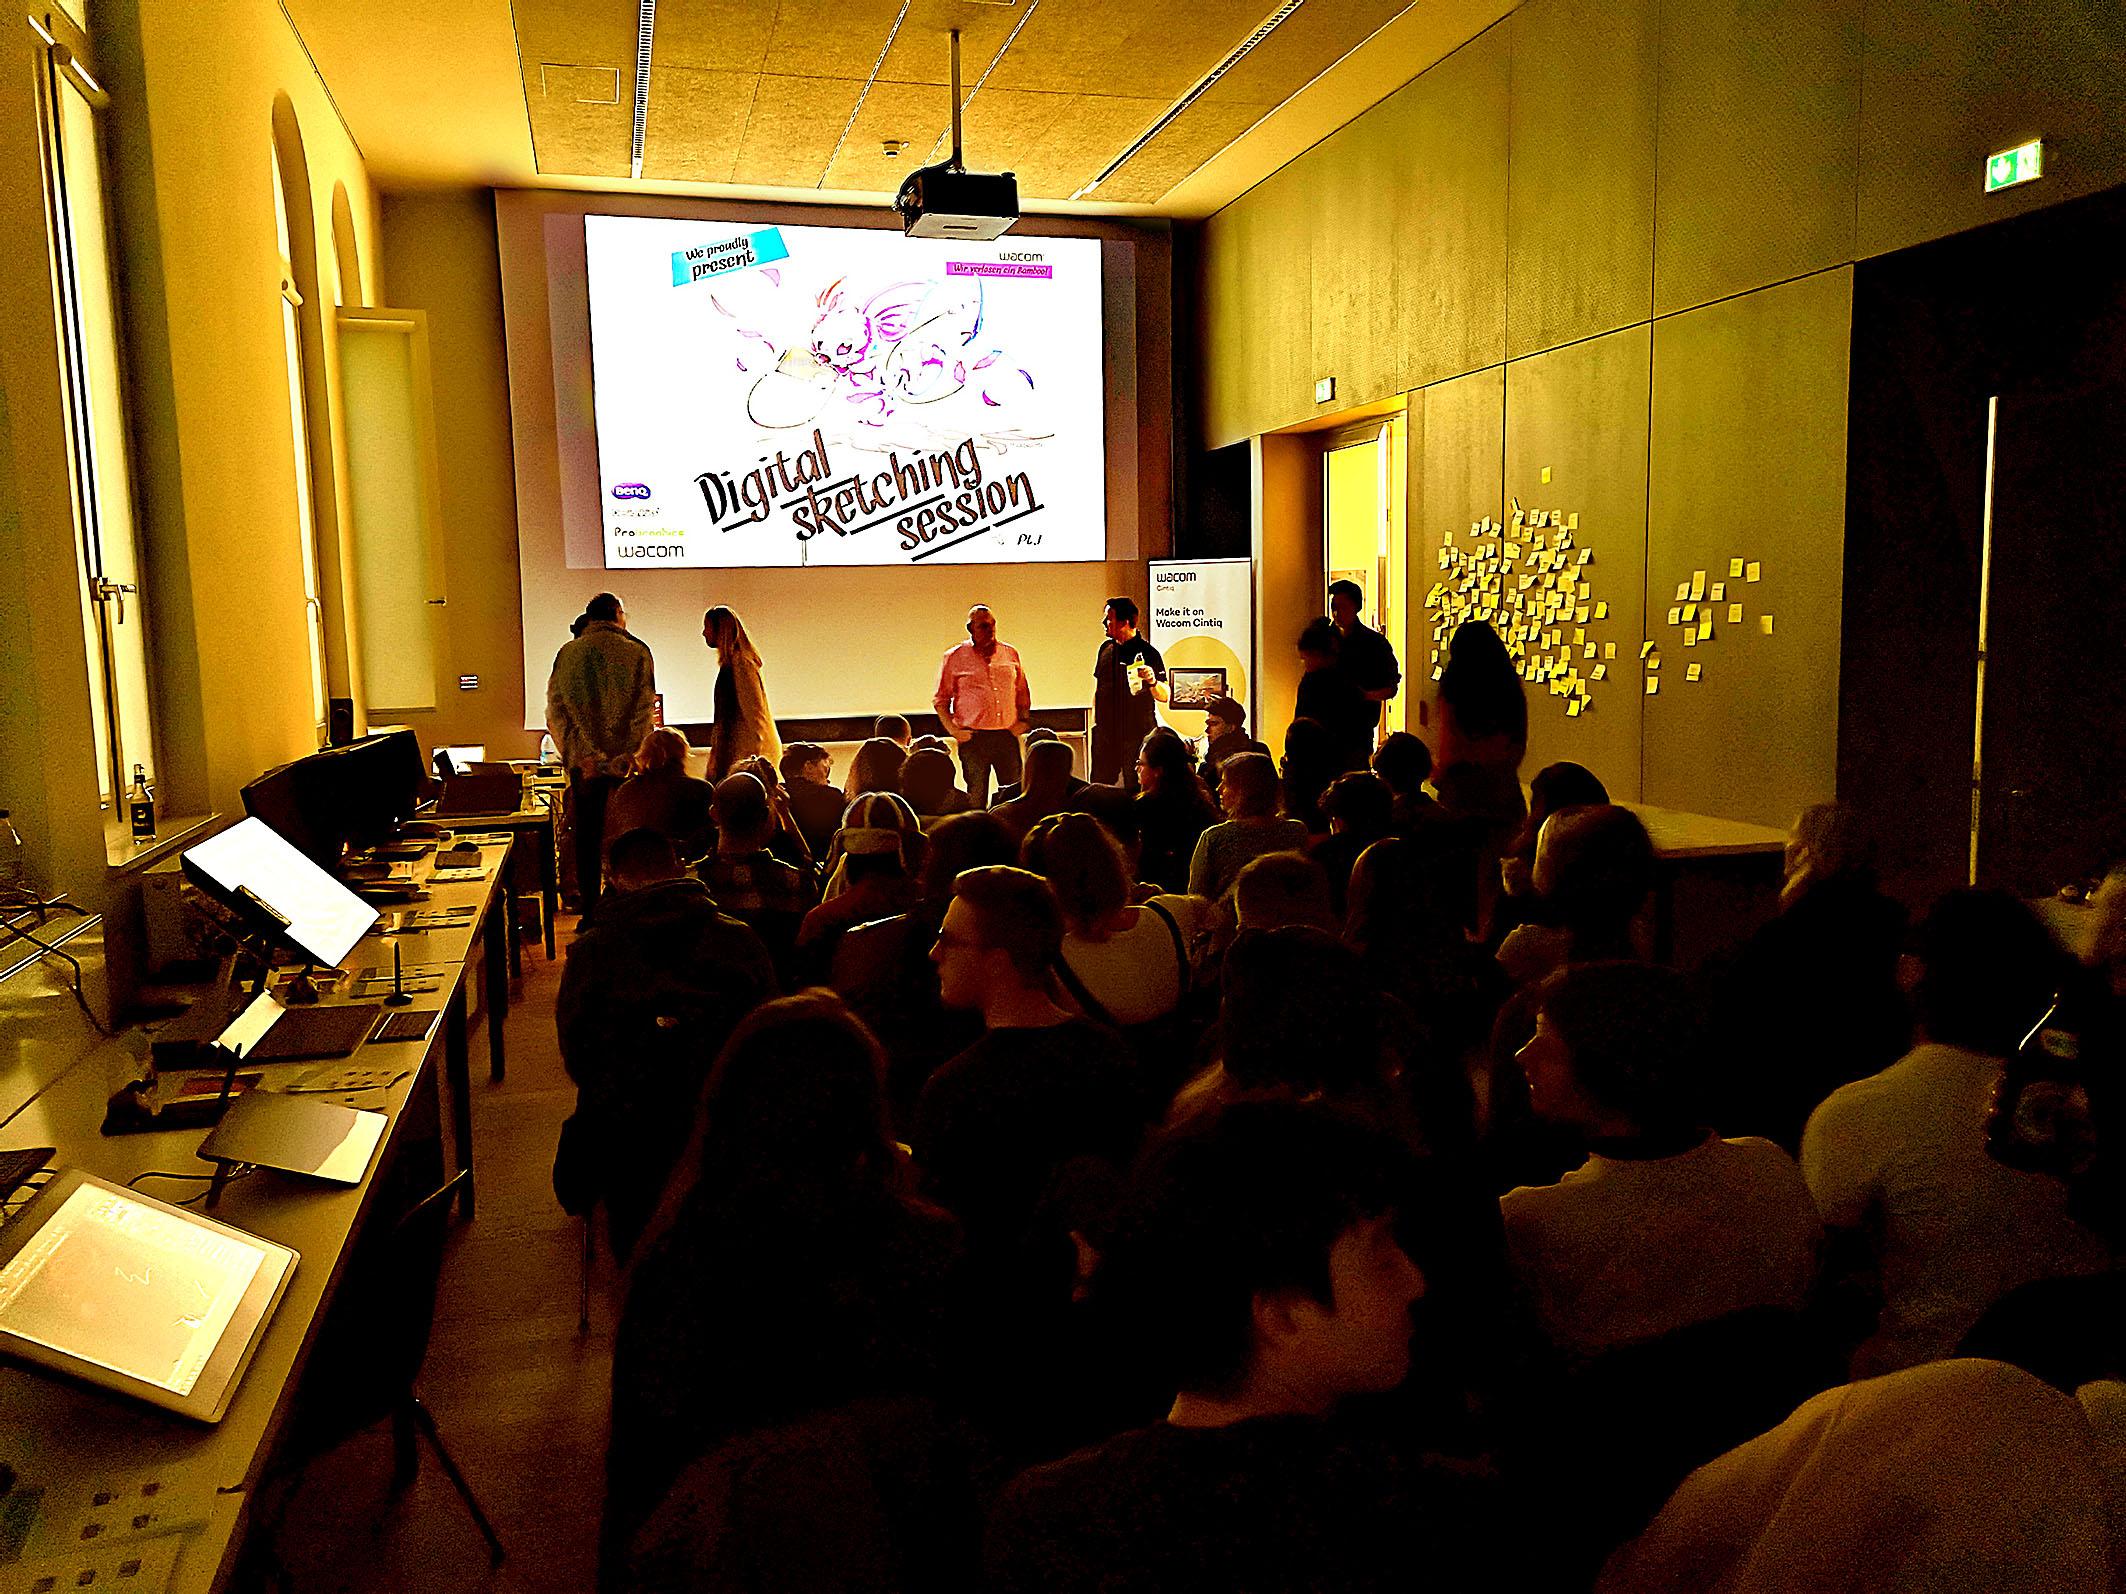 """Foto: Michael B. Rehders - Kurz vor Start der """"Digital Sketching Session"""". Alle Plätze im Hörsaal sind restlos besetzt. Trotzden kamen noch zahlreiche Besucher spontan dazu, so dass der Raum kurze Zeit später aus allen Nähten platzte."""